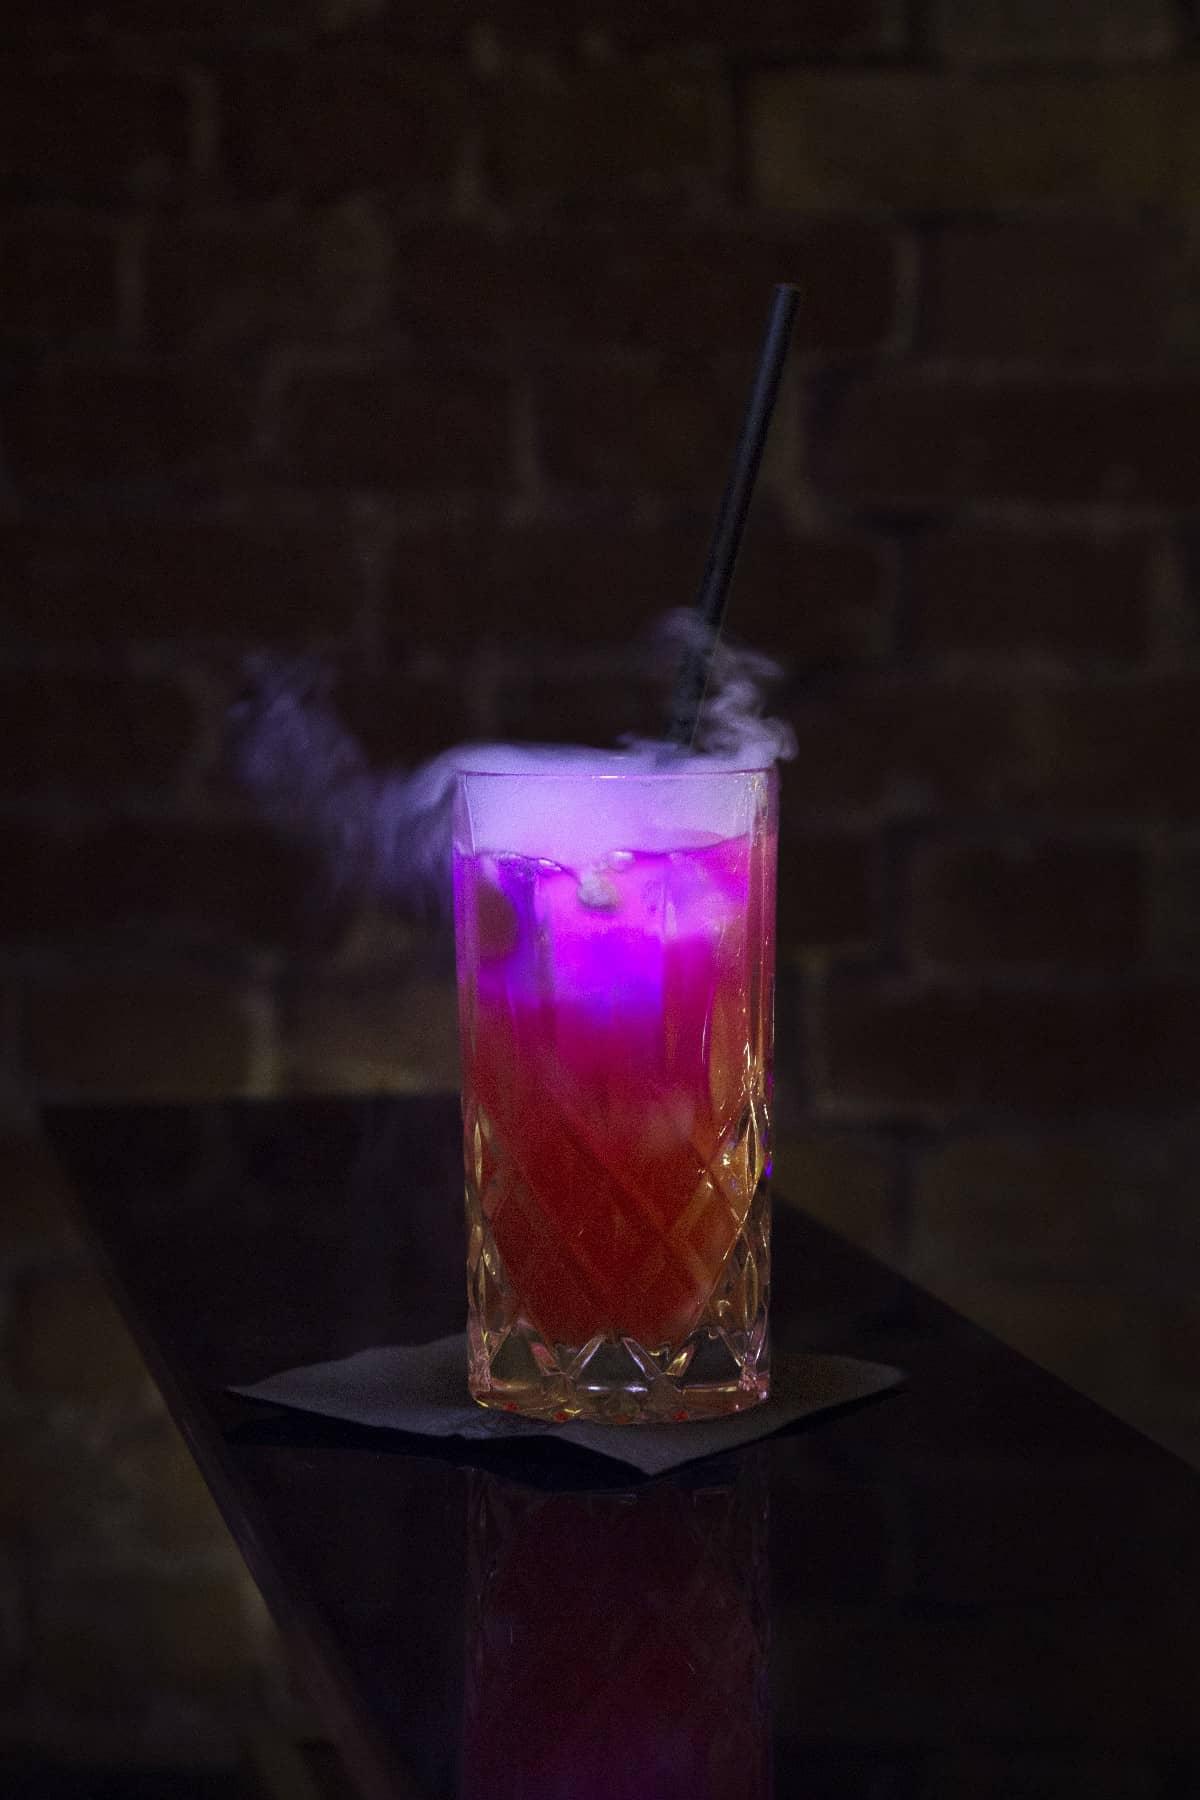 Pink Panther Rezeptur: Vodka, Grenadine, Zitronensaft, Pfirsichpüree, Orangensaft, trockemeis, LED Eiswürfel